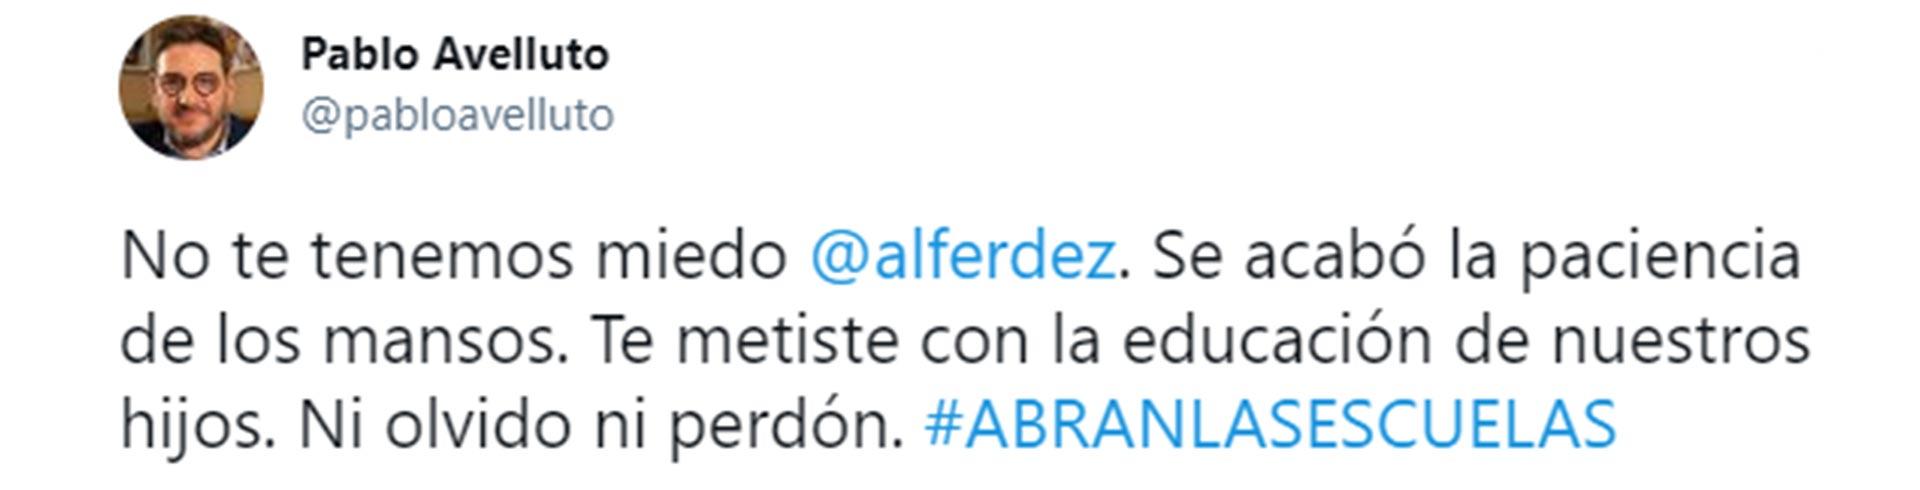 Uno de los tuits que disparó la controversia entre Ernesto Tenembaum y Pablo Avelluto.